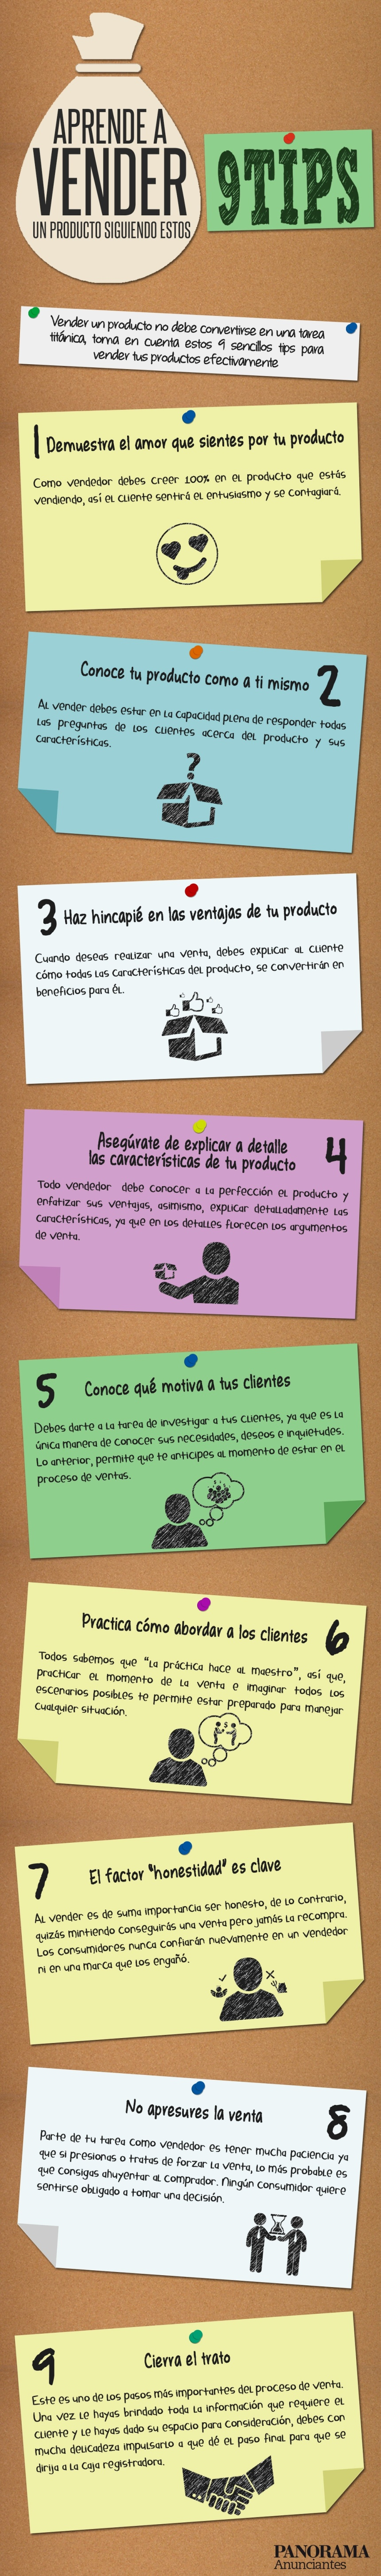 9 consejos para vender un producto